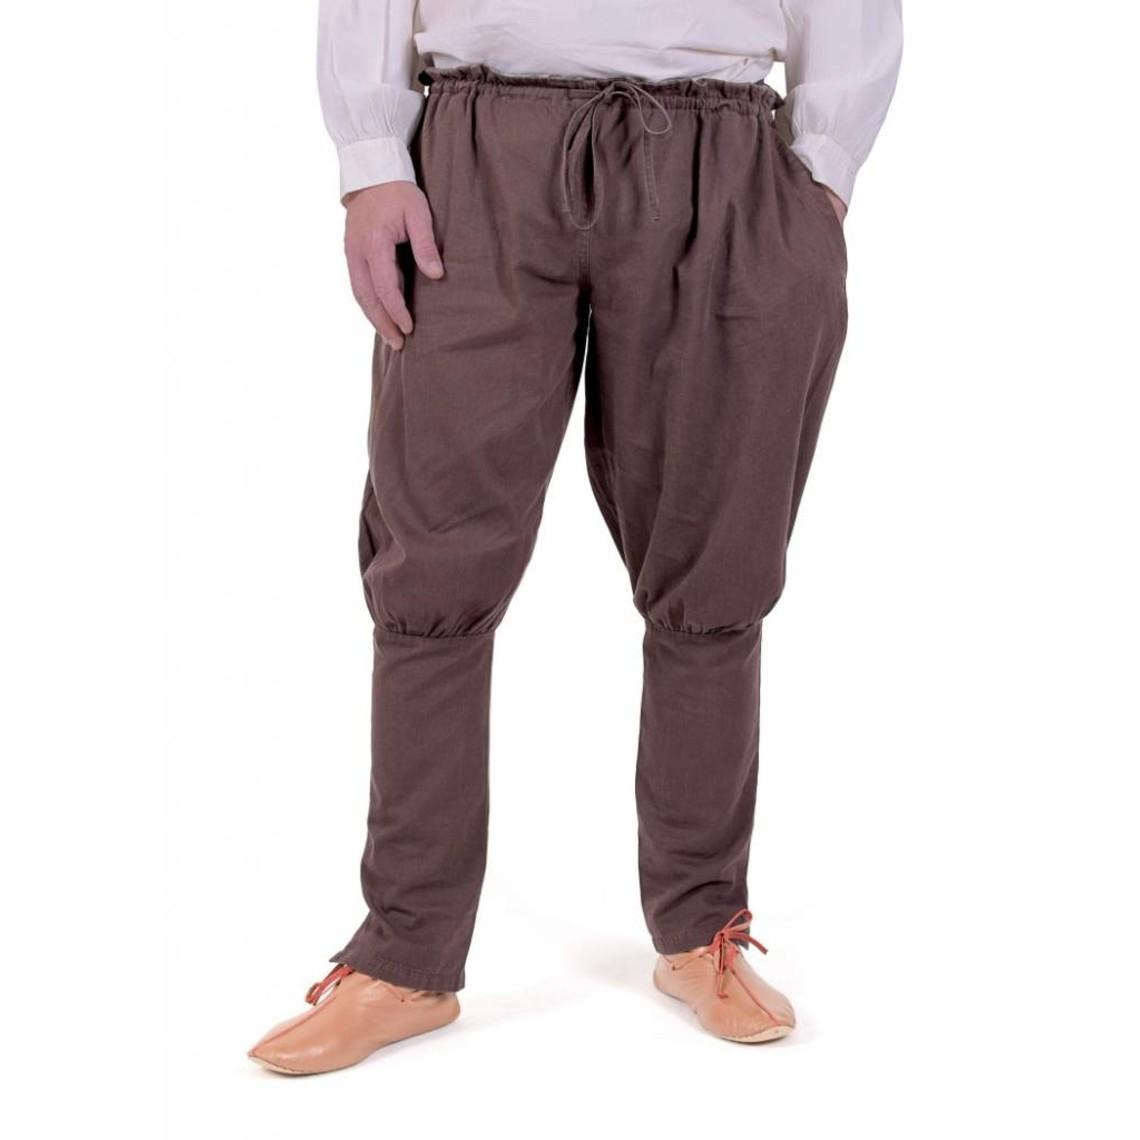 Pantalón vikingo floki, marrón